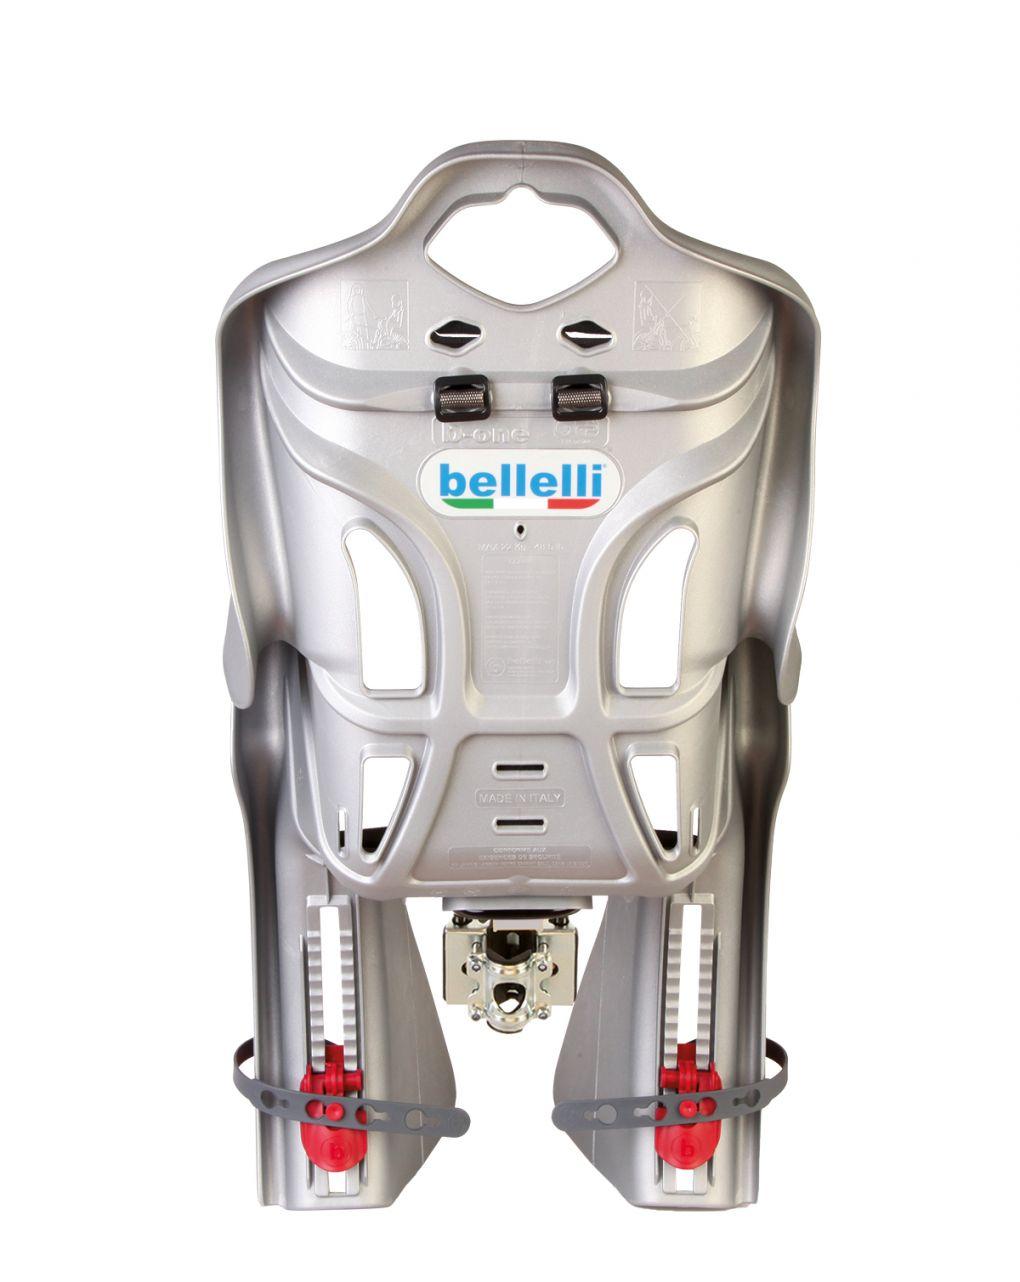 Seggiolino posteriore b-one - Bellelli